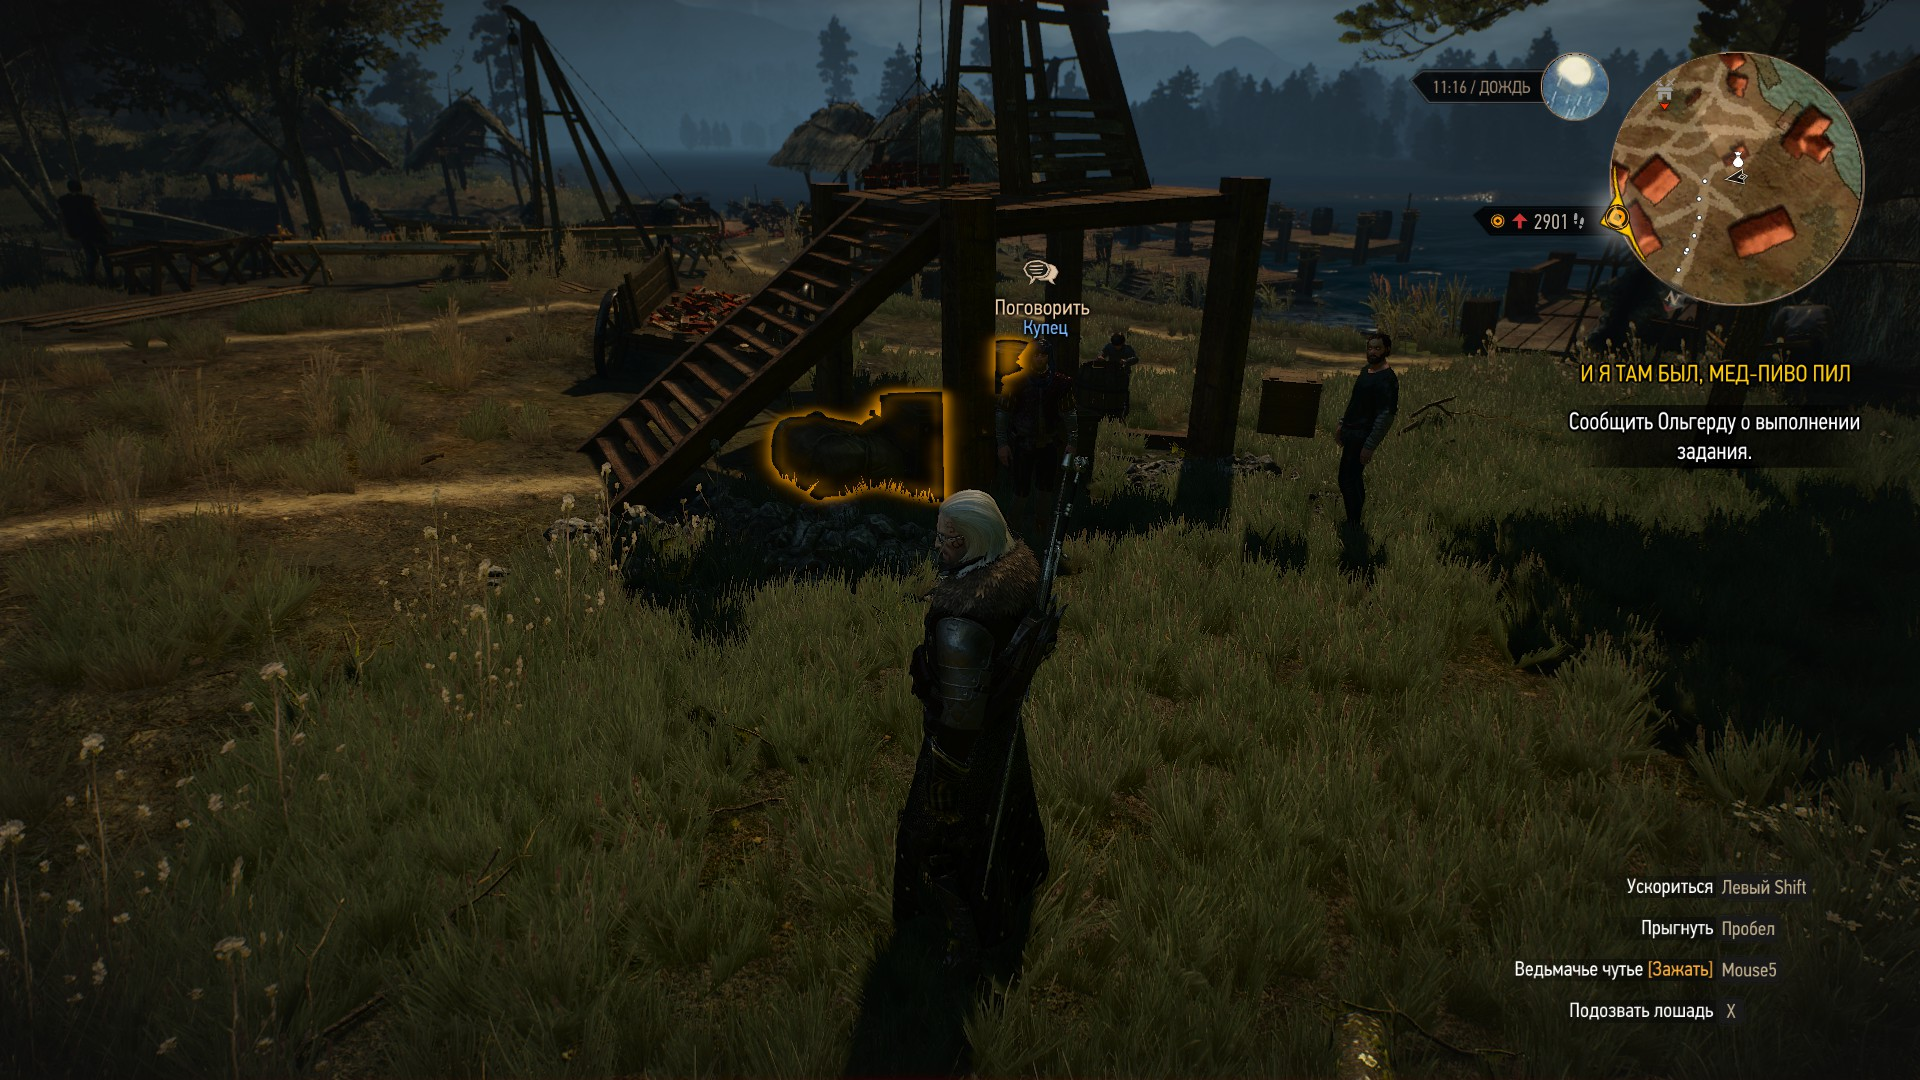 Левитирующий ящик - Witcher 3: Wild Hunt, the Юмор